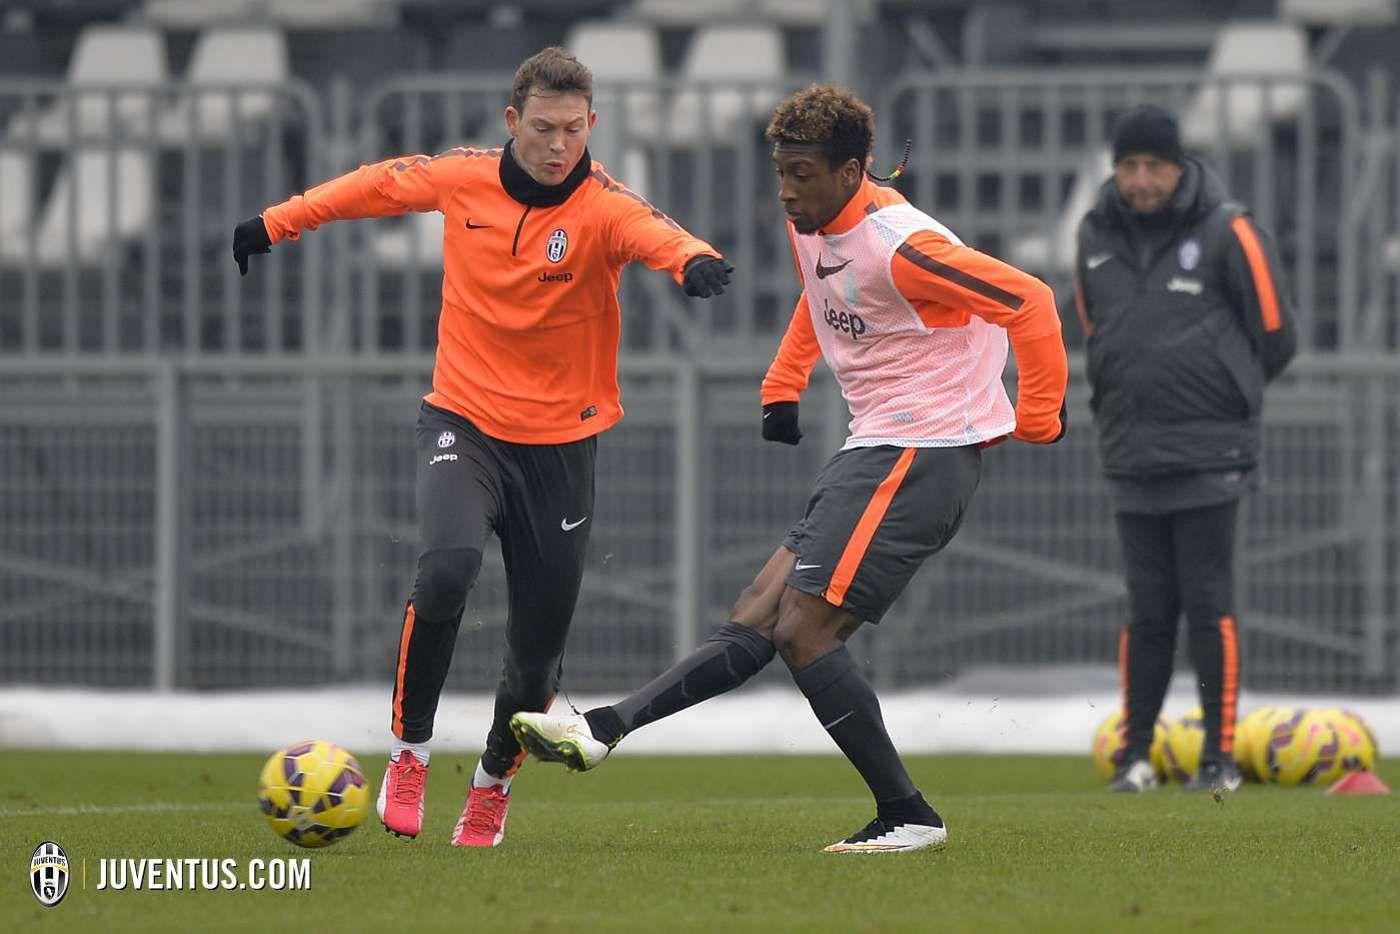 L'allenamento del 3 febbraio - #JuveMilan preparations continue - Juventus.com